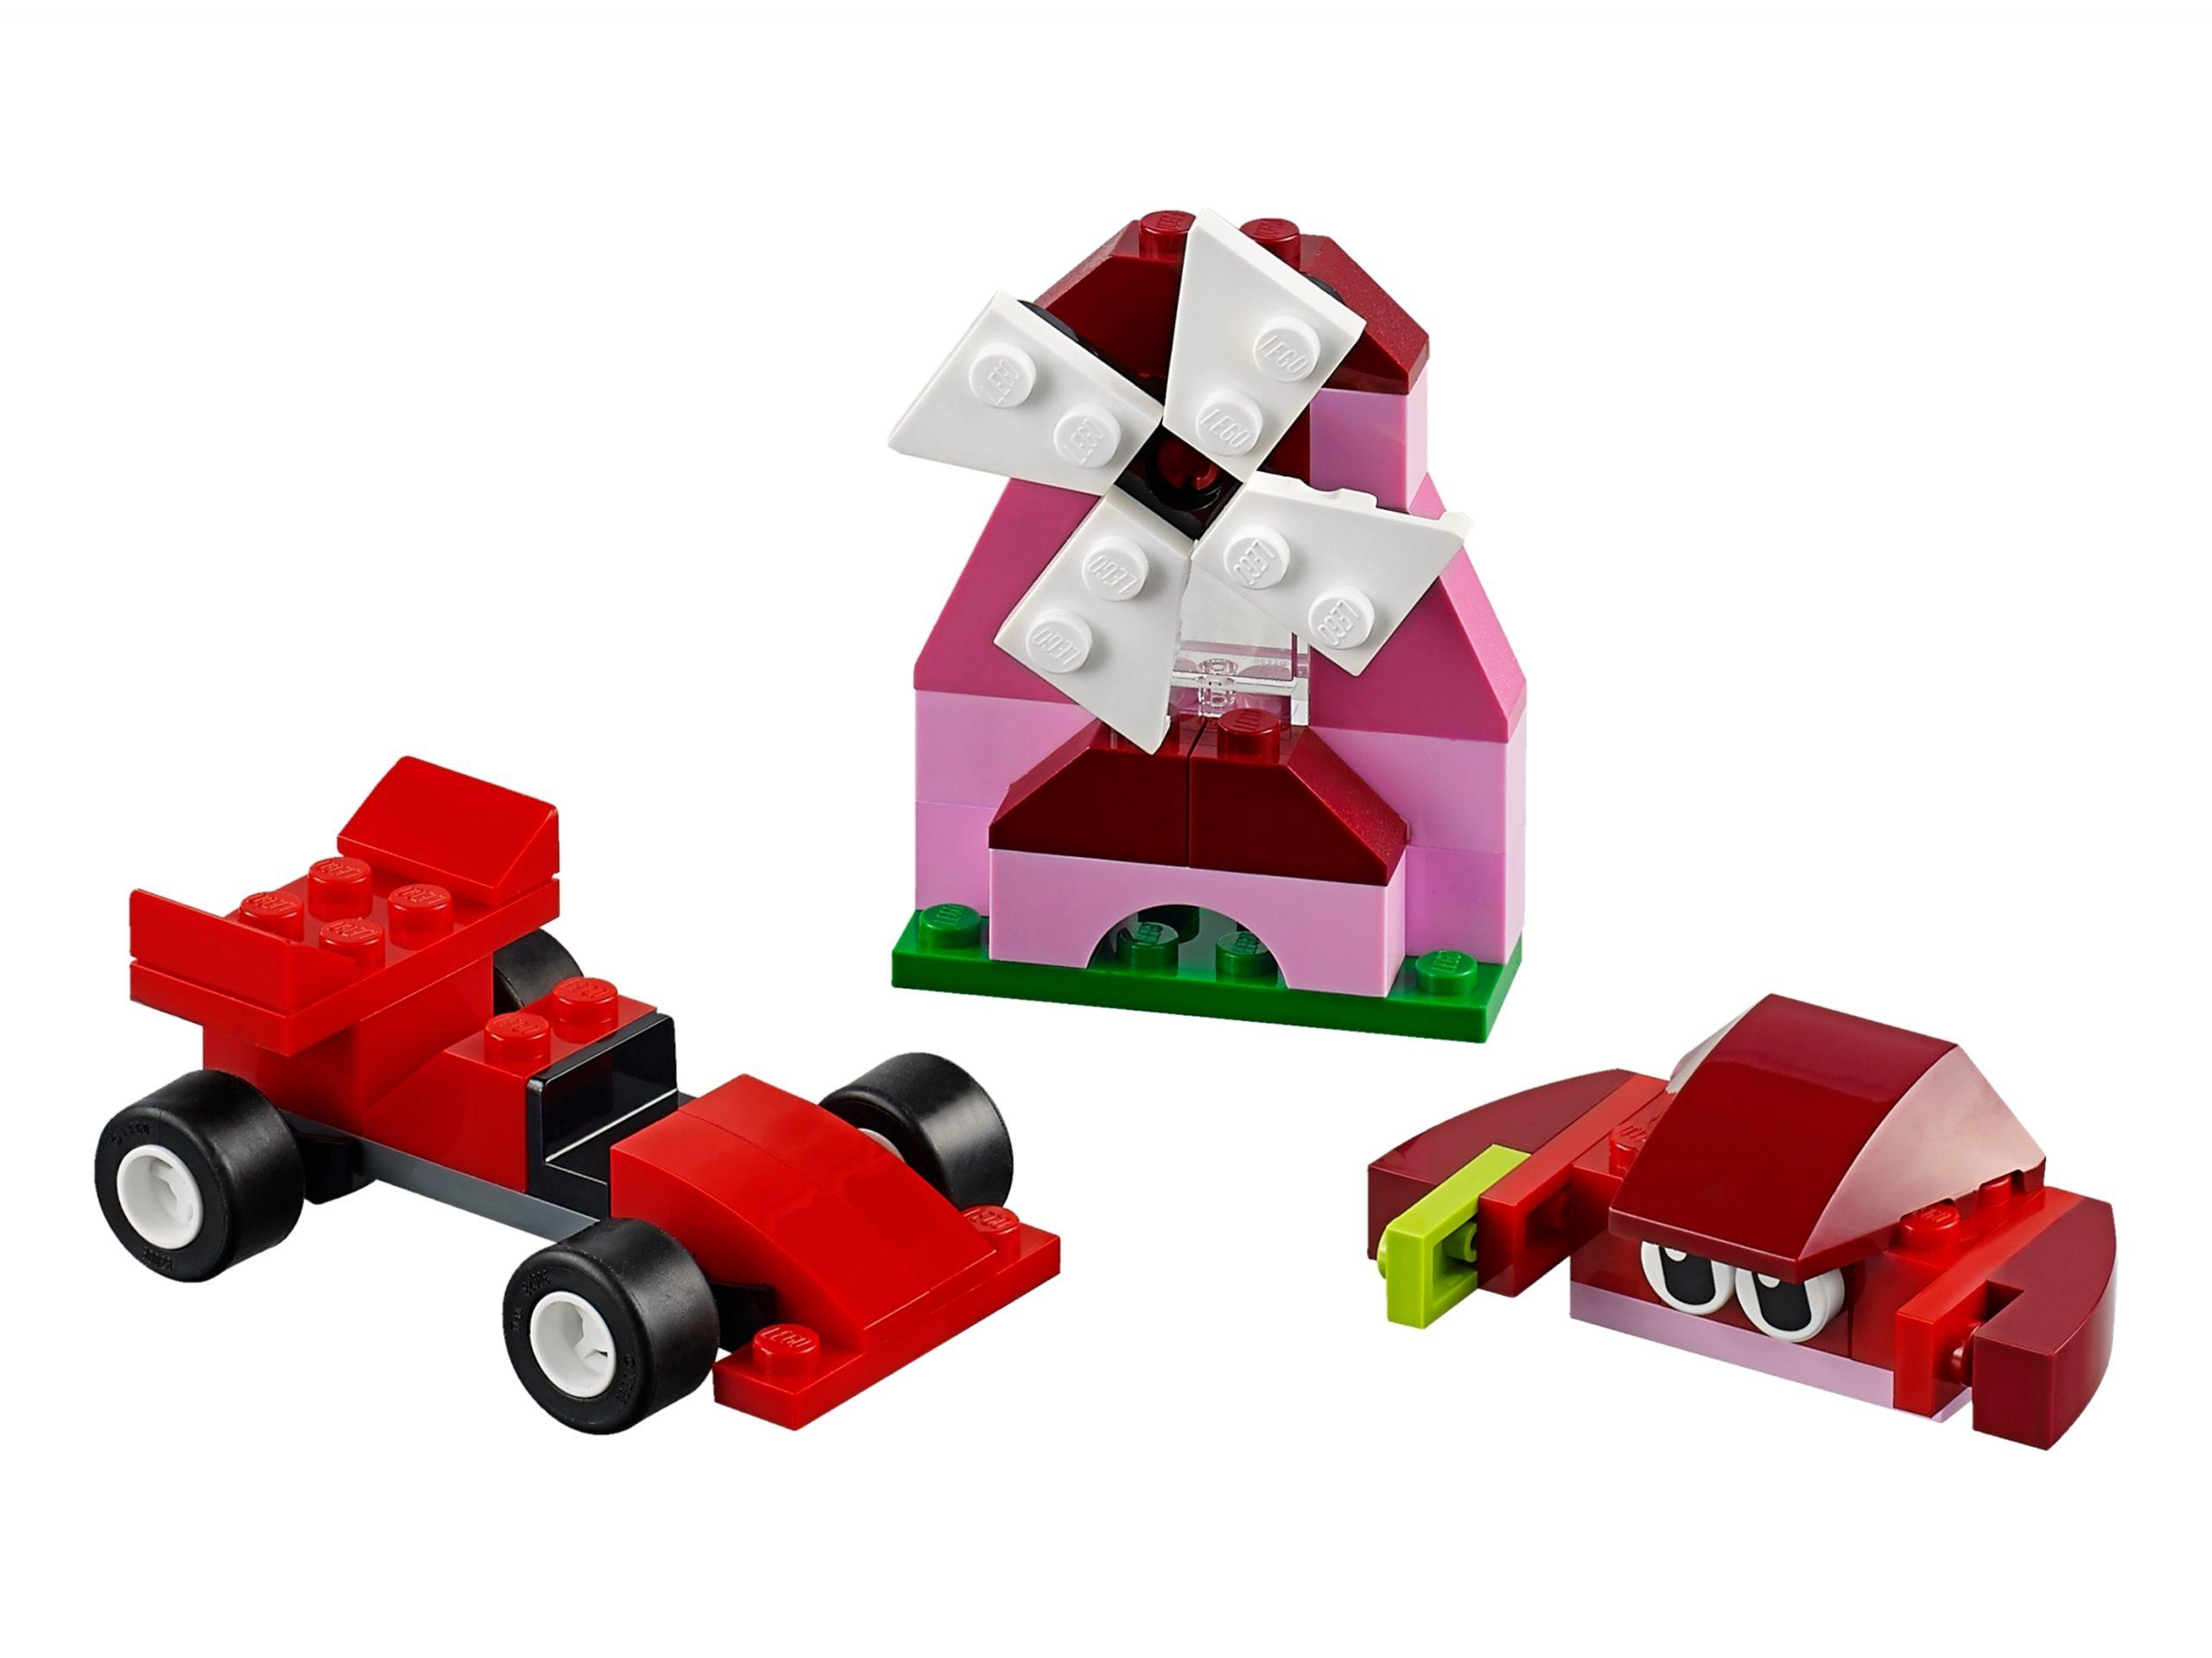 lego 10707 boite de construction rouge scaled